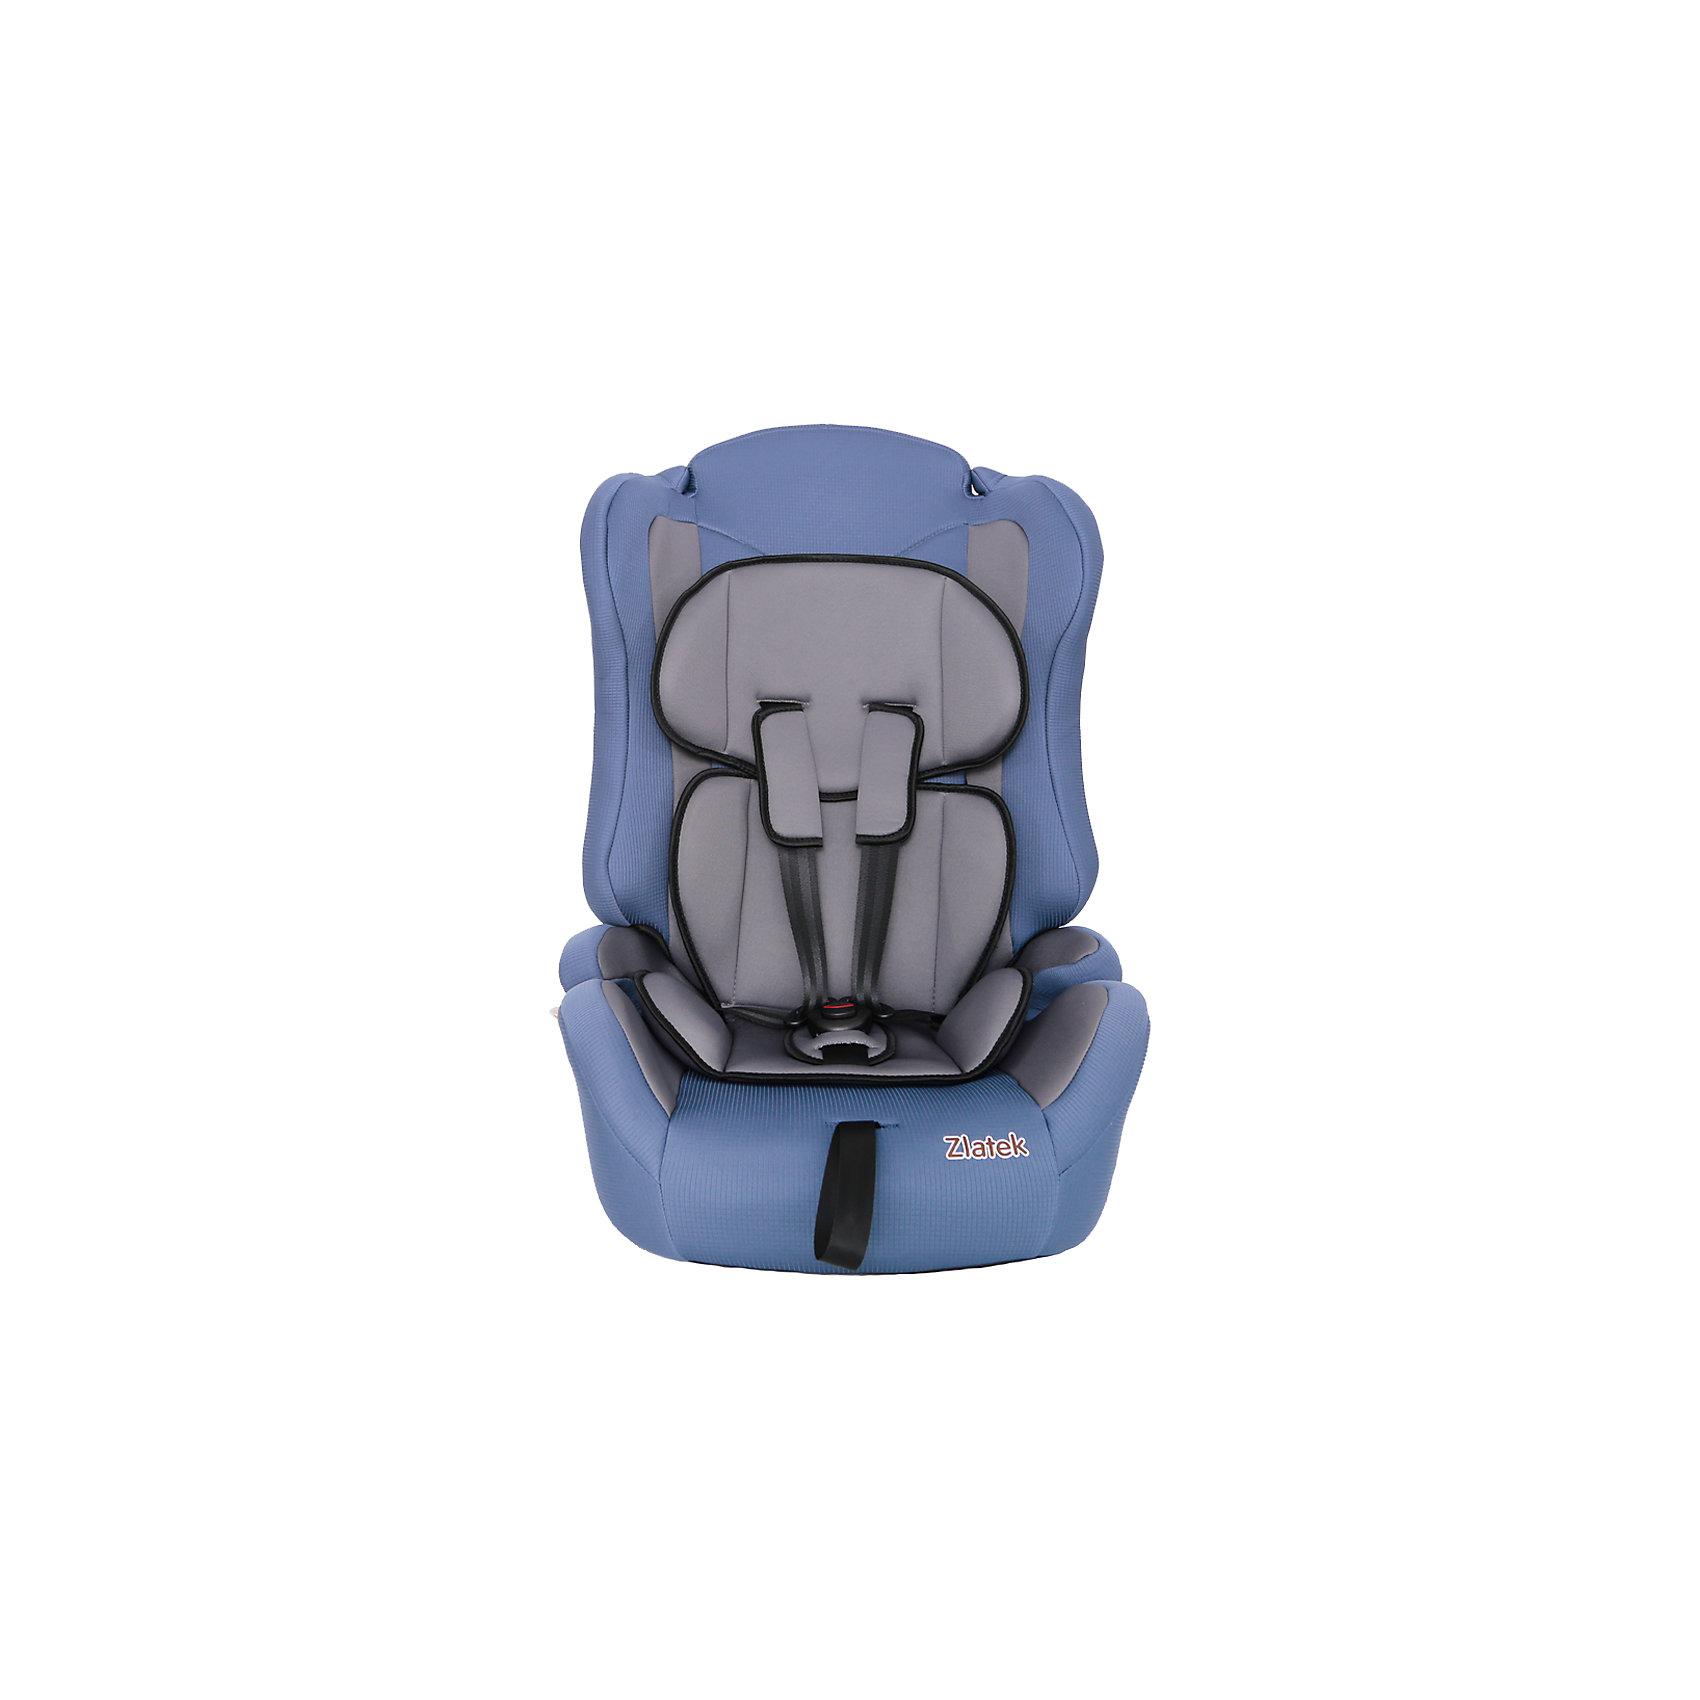 Автокресло Zlatek Atlantic Lu, 9-36 кг, синийГруппа 1-2-3 (От 9 до 36 кг)<br>Детское автомобильное кресло «ZLATEK Atlantic LUX» предназначено для детей от 1 года до 12 лет весом от 9 до 36 кг. Отличительным свойством автокресла является его универсальность: по мере роста ребенка, кресло легко трансформируется в бустер. Кресло имеет мягкий съемный анатомический вкладыш и съемный чехол, изготовленный из гипоаллергенного материала. Для малышей от 1 года до 4 лет автокресло оборудовано внутренними пятиточечными ремнями, которые регулируются по высоте в зависимости от роста ребенка и по глубине, что очень удобно в зимнее время, когда ребенок одет в объемные зимние вещи. <br>Автокресло закрепляется в автомобиле при помощи штатных ремней. <br><br>Преимущества модели в области удобства:<br>мягкий анатомический вкладыш и накладки внутренних ремней обеспечивают максимальный комфорт ребенка;<br>укрепленная анатомическая спинка для удобства ребенка;<br>регулировка внутренних ремней по высоте в зависимости от роста ребенка;<br>двухпозиционная регулировка центральной лямки позволяет адаптировать внутренние ремни под зимнюю и летнюю одежду ребенка (для кресел, изготовленных литьевым способом);<br>износостойкий чехол легко снимается для стирки.<br>особая форма спинки надежно защищает от боковых ударов;<br>надежная система внутренних пятиточечных ремней с использованием специально разработанных ременных лент российского производства;<br>замок ремней с мягим клапаном и защитой от неправильного использования;<br>нетоксичный гипоаллергенный материал безопасен для малыша;<br>фиксатор для корректировки прохождения штатного ремня безопасности по плечу ребенка в возрасте от 6-ти лет.<br>Общие характеристики:<br>Группа применения: 1/2/3.<br>Возраст ребенка: 1-12 лет.<br>Вес ребенка: 9-36 кг.<br>Габариты кресла, ширина/ глубина/ высота, см: 41/47/68.<br>Габариты посадочного места, ширина/ глубина, см: 34/35.<br>Вес кресла, кг: 5 кг.<br><br>Ширина мм: 470<br>Глубина мм: 410<br>Высота мм: 680<